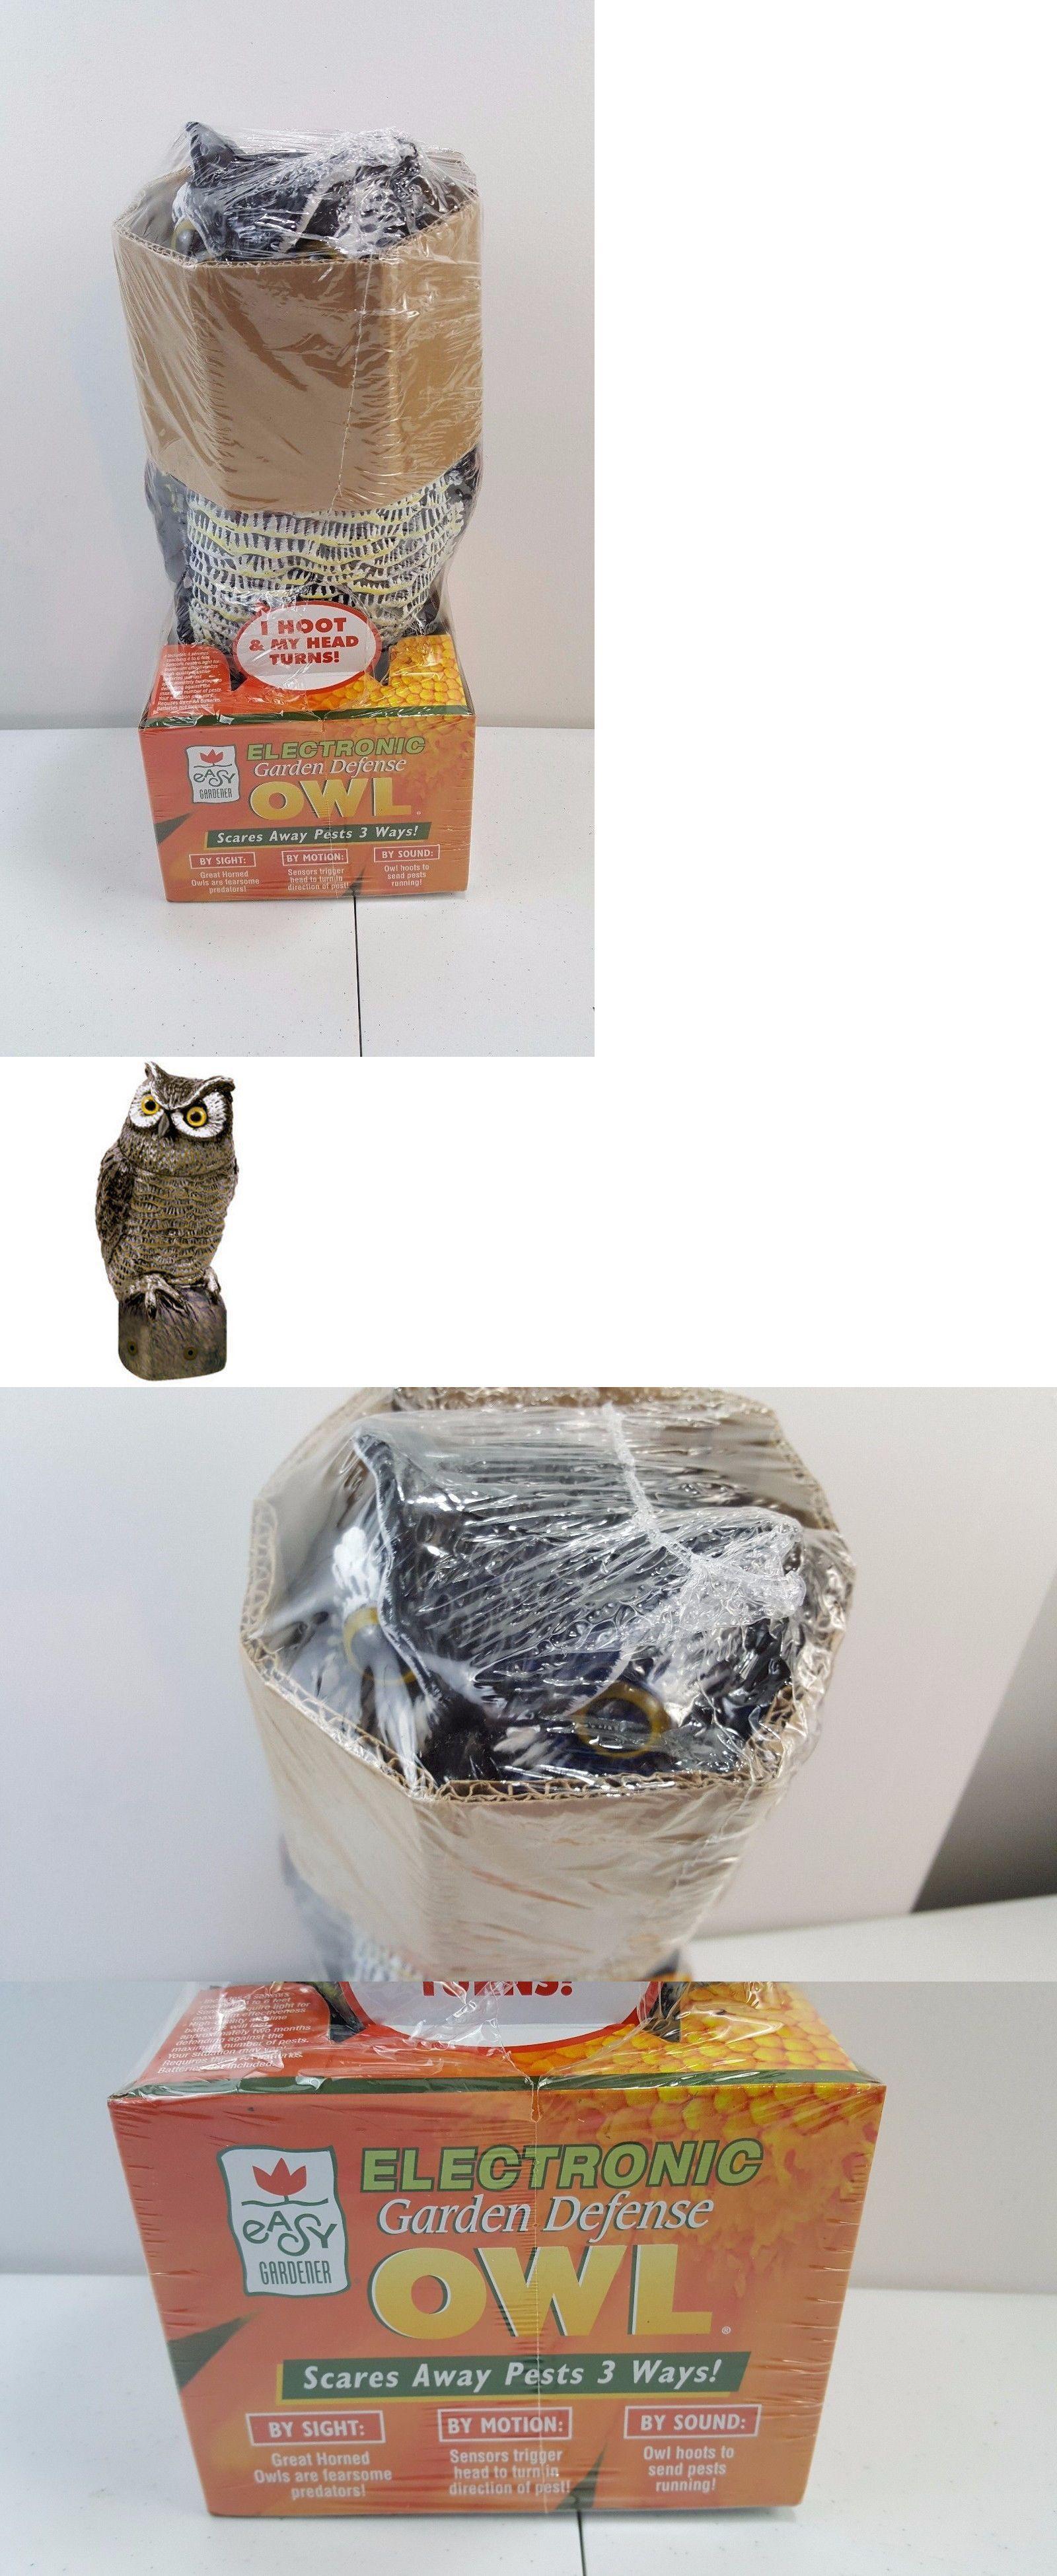 Ultrasonic Pest Repellers 181035: Easy Gardener 8021 Garden Defense  Electronic Sensor Owl   New